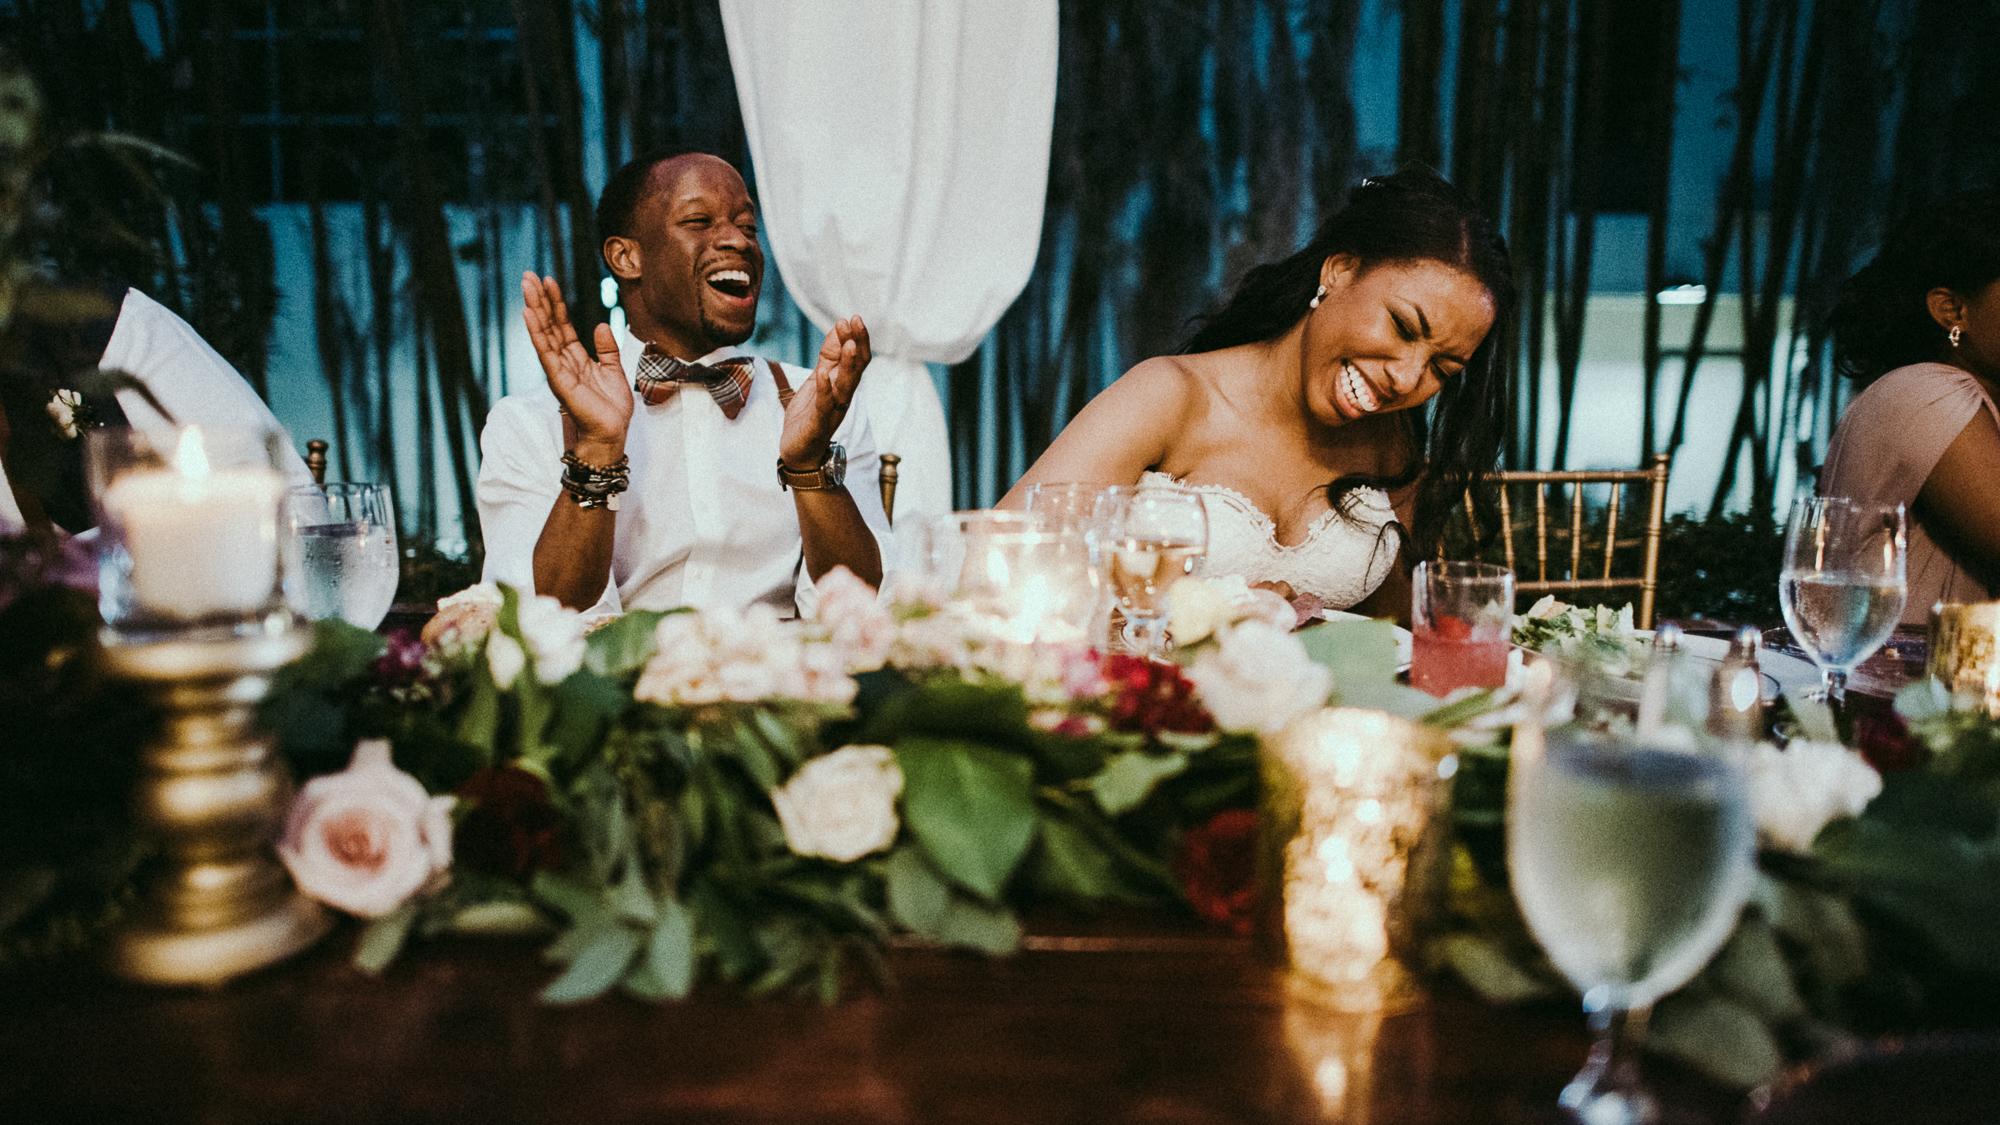 gian-carlo-photography-weddings-26.jpg